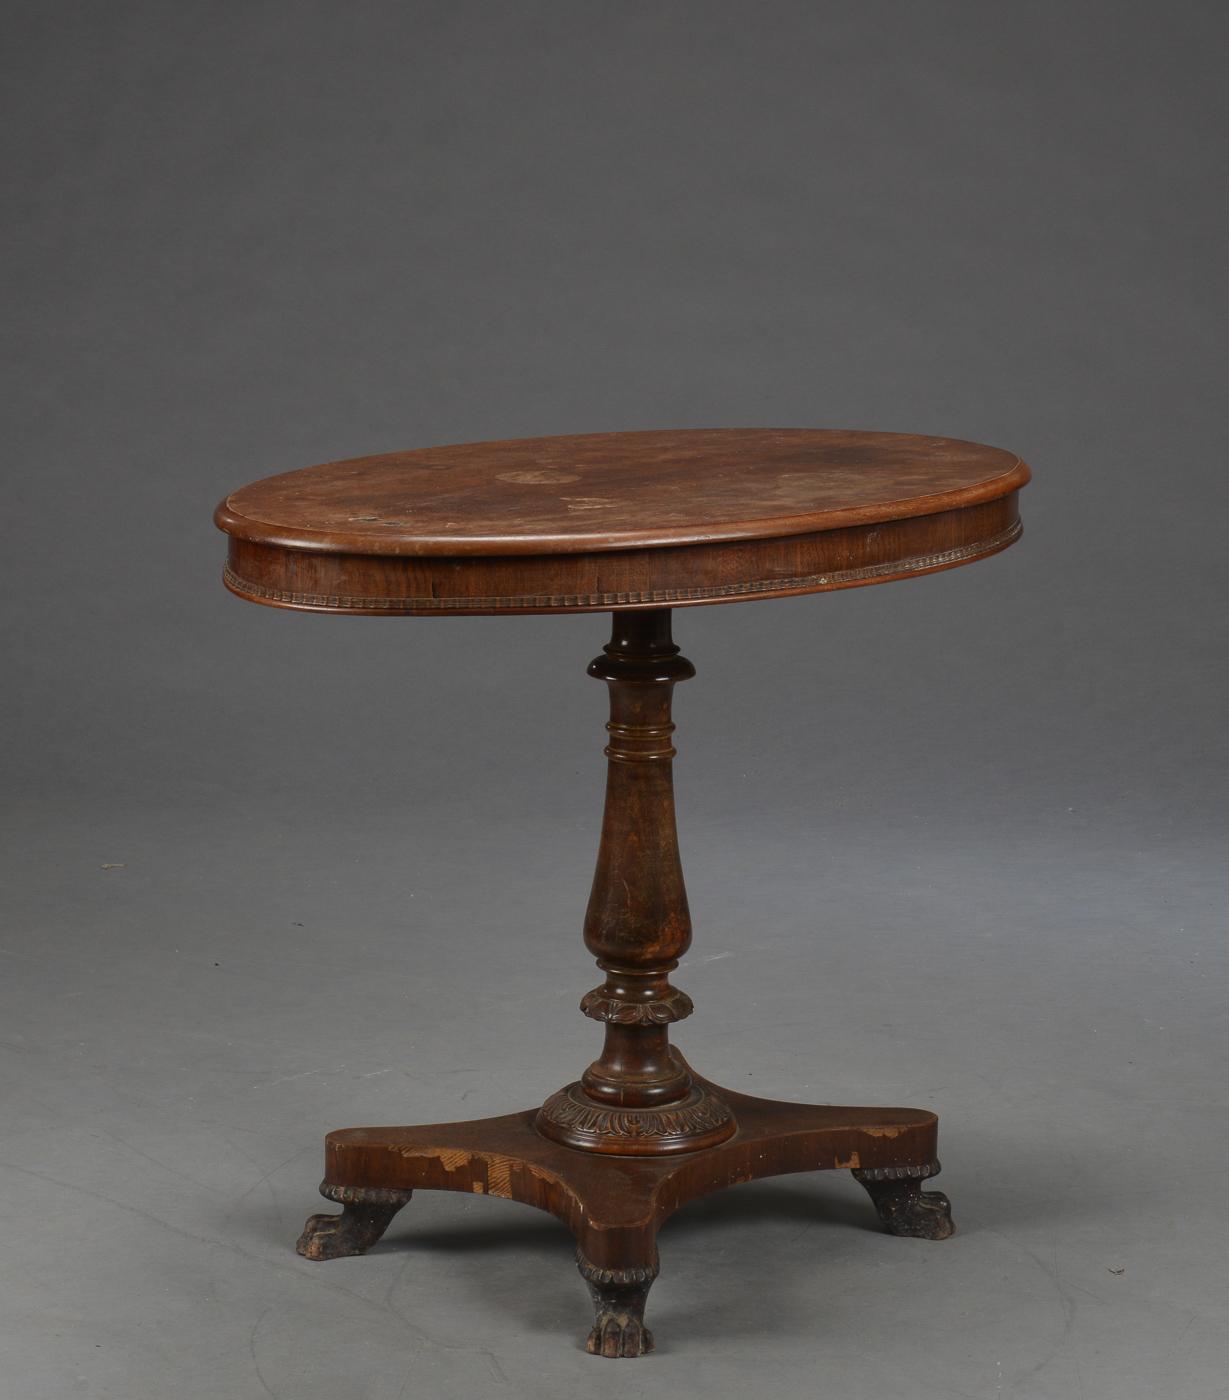 Sofabord af mahogni, 1800-tallets slutning - Salonbord af massivt mahogny, oval plade, balusterformet søjle med udskæringer, afsluttet på løvefødder. 1800tallet. H. 74 L. 90 D. 60 cm. Fremstår med brugsspor og varmeskjold på plade